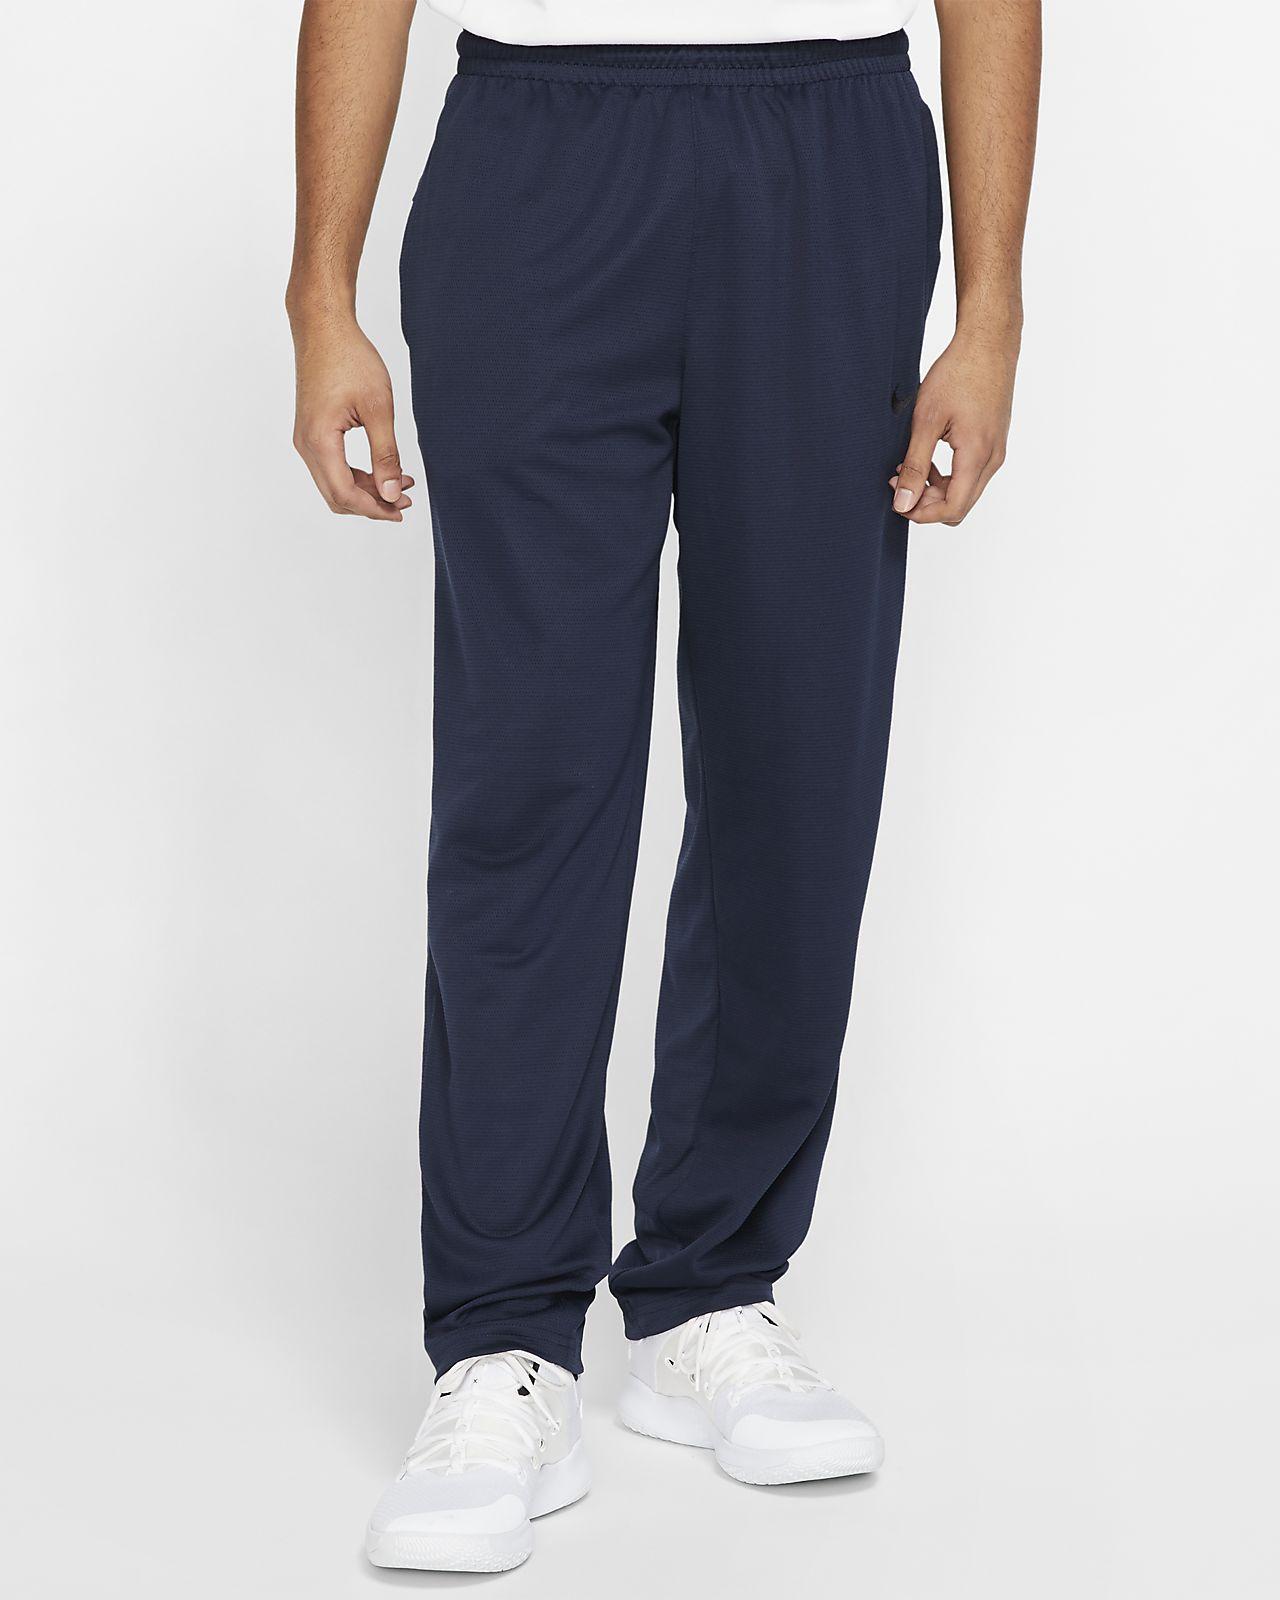 Nike Dri-FIT Rivalry Men's Basketball Pants